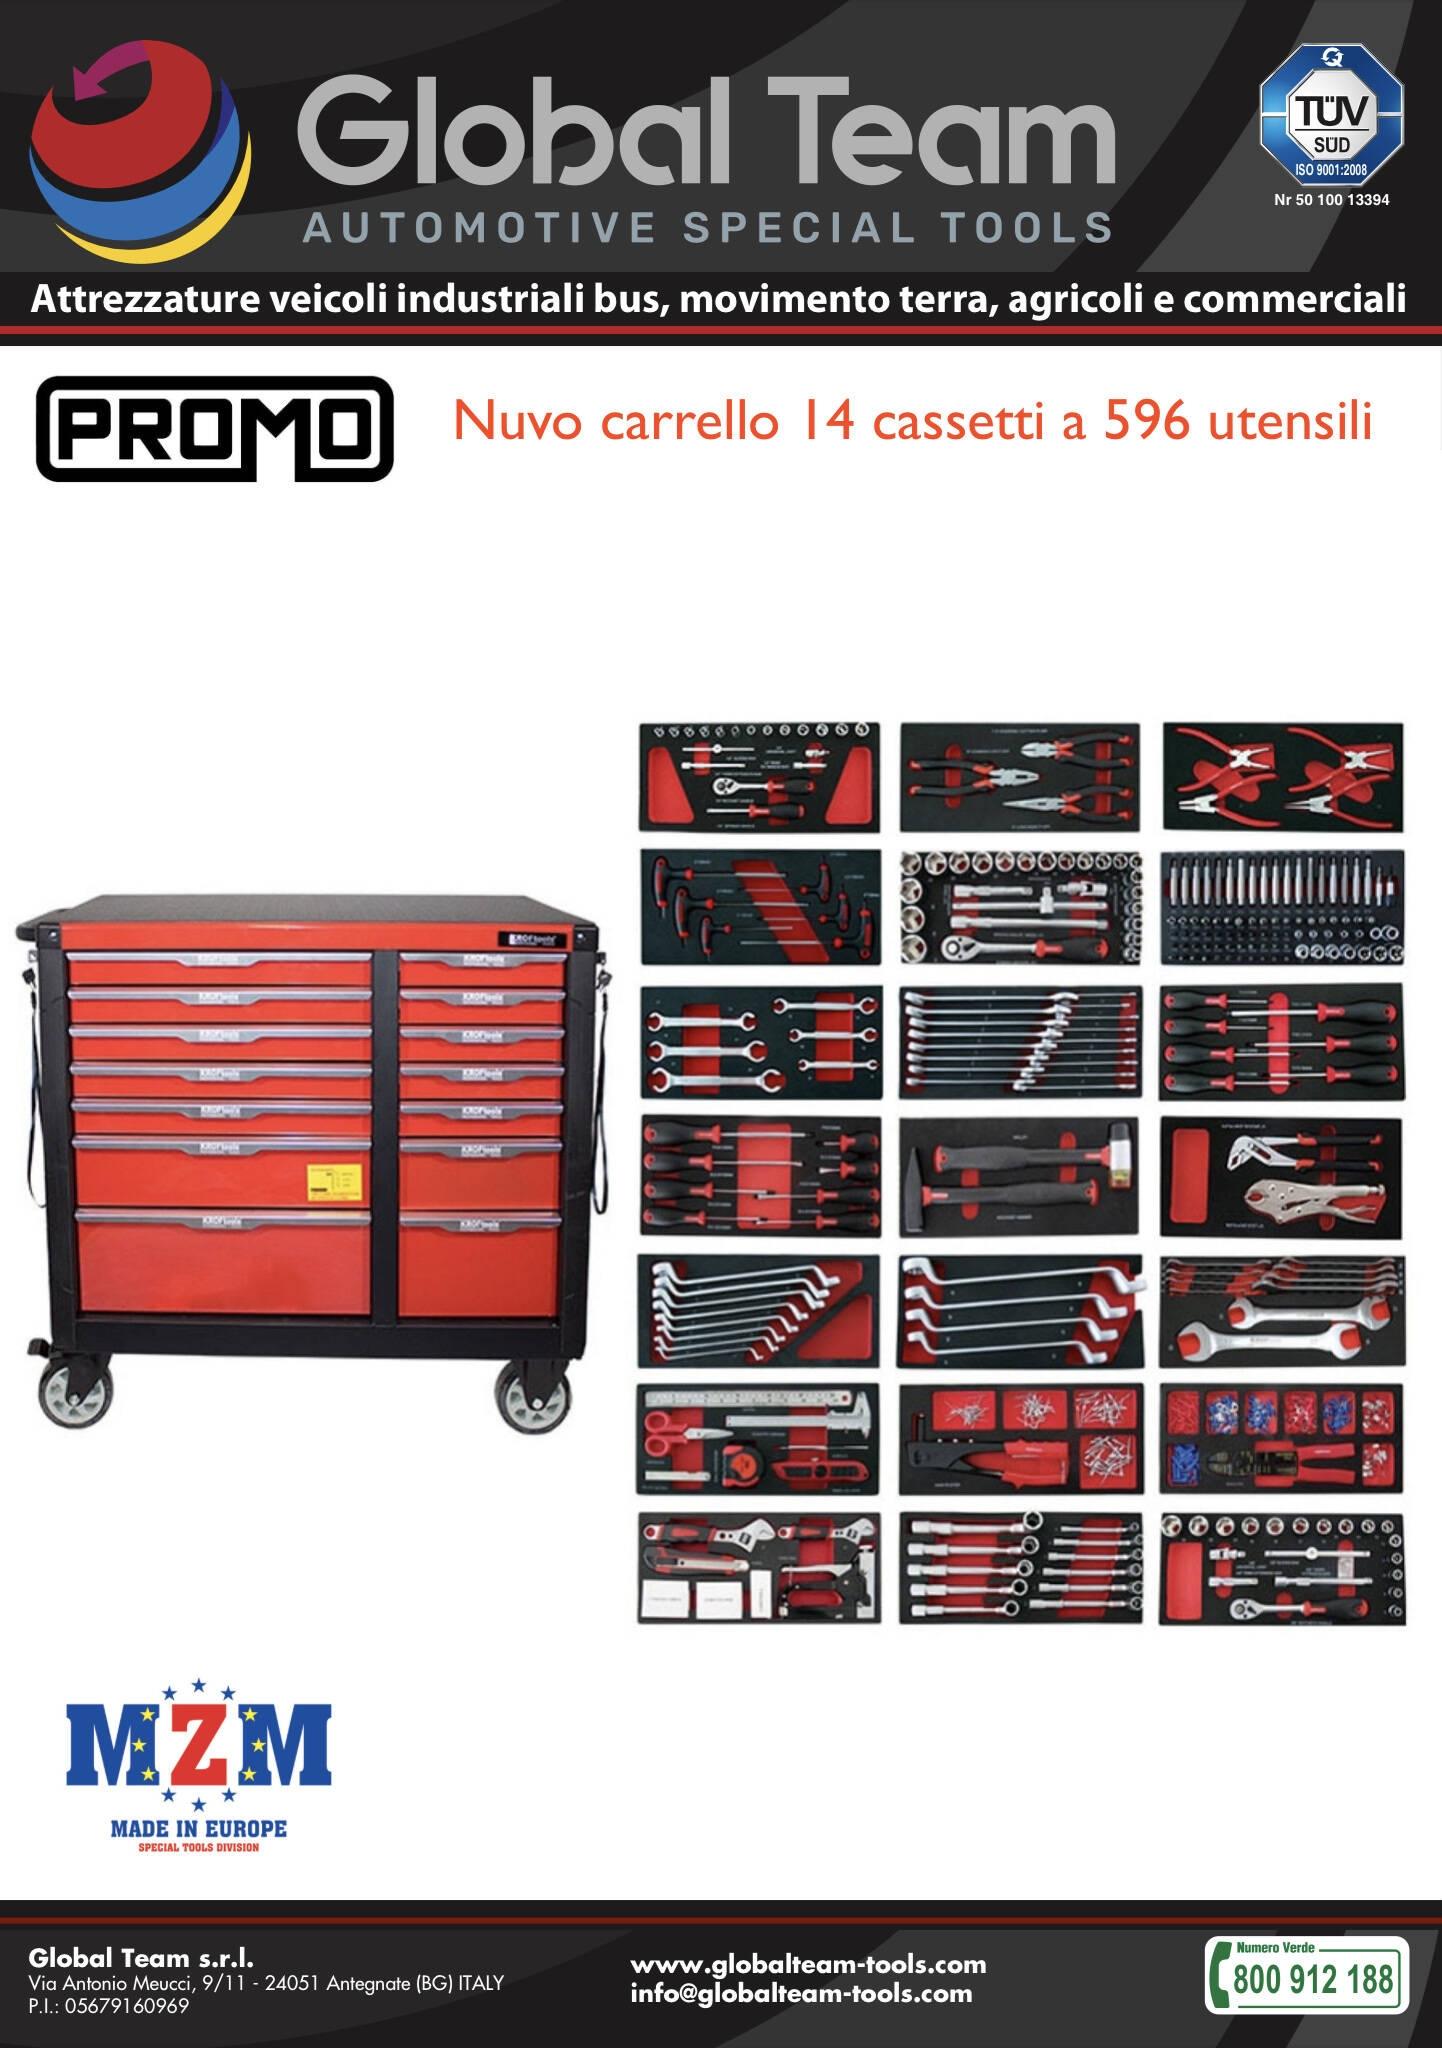 Nuovo carrello porta utensili robusto a 14 cassetti ad ottima qualita con 596 utensili in promozione lancio .